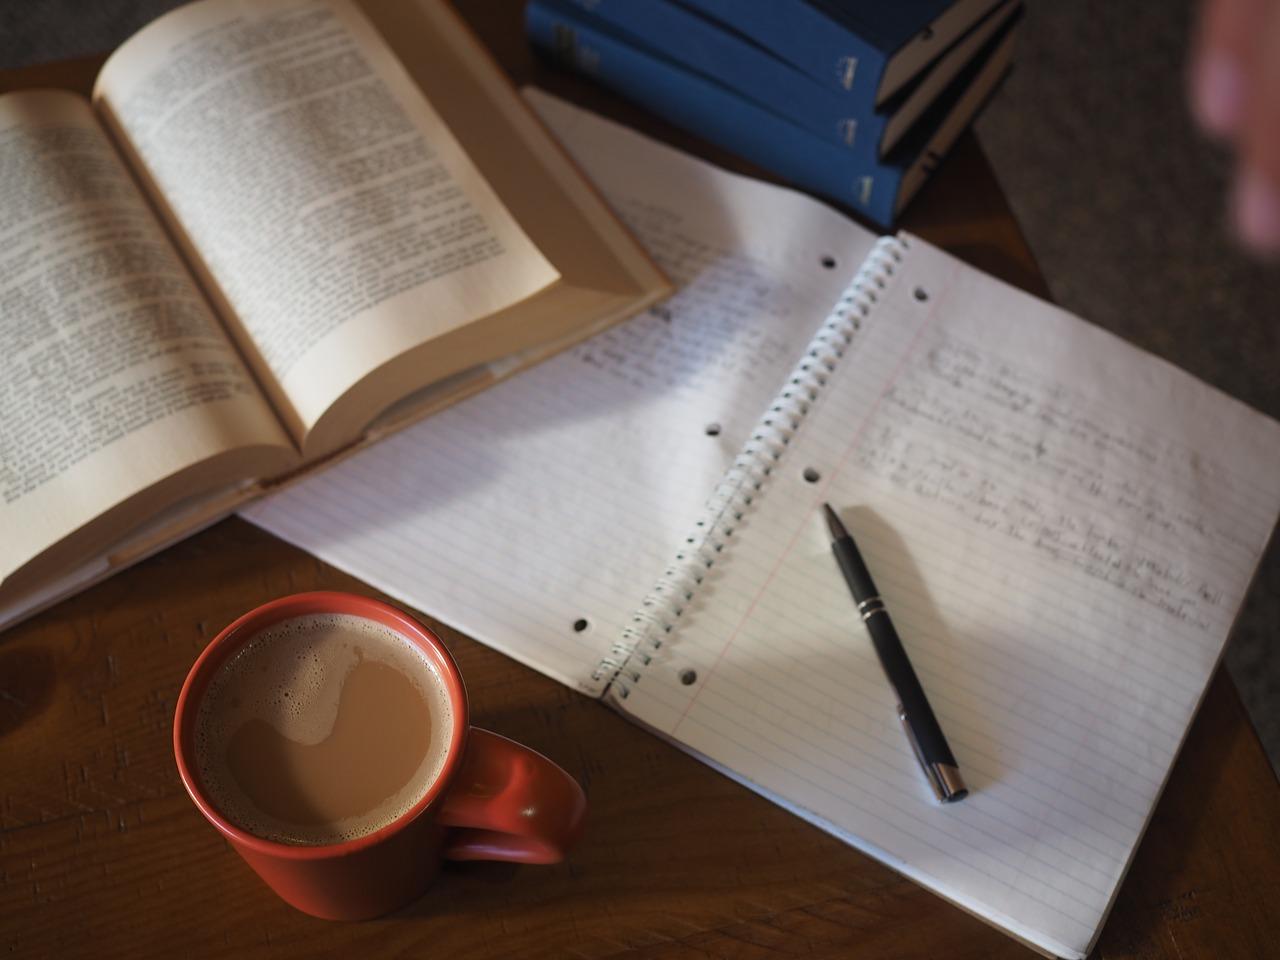 大学のテスト勉強について|勉強方法と対策はどのようにするべき